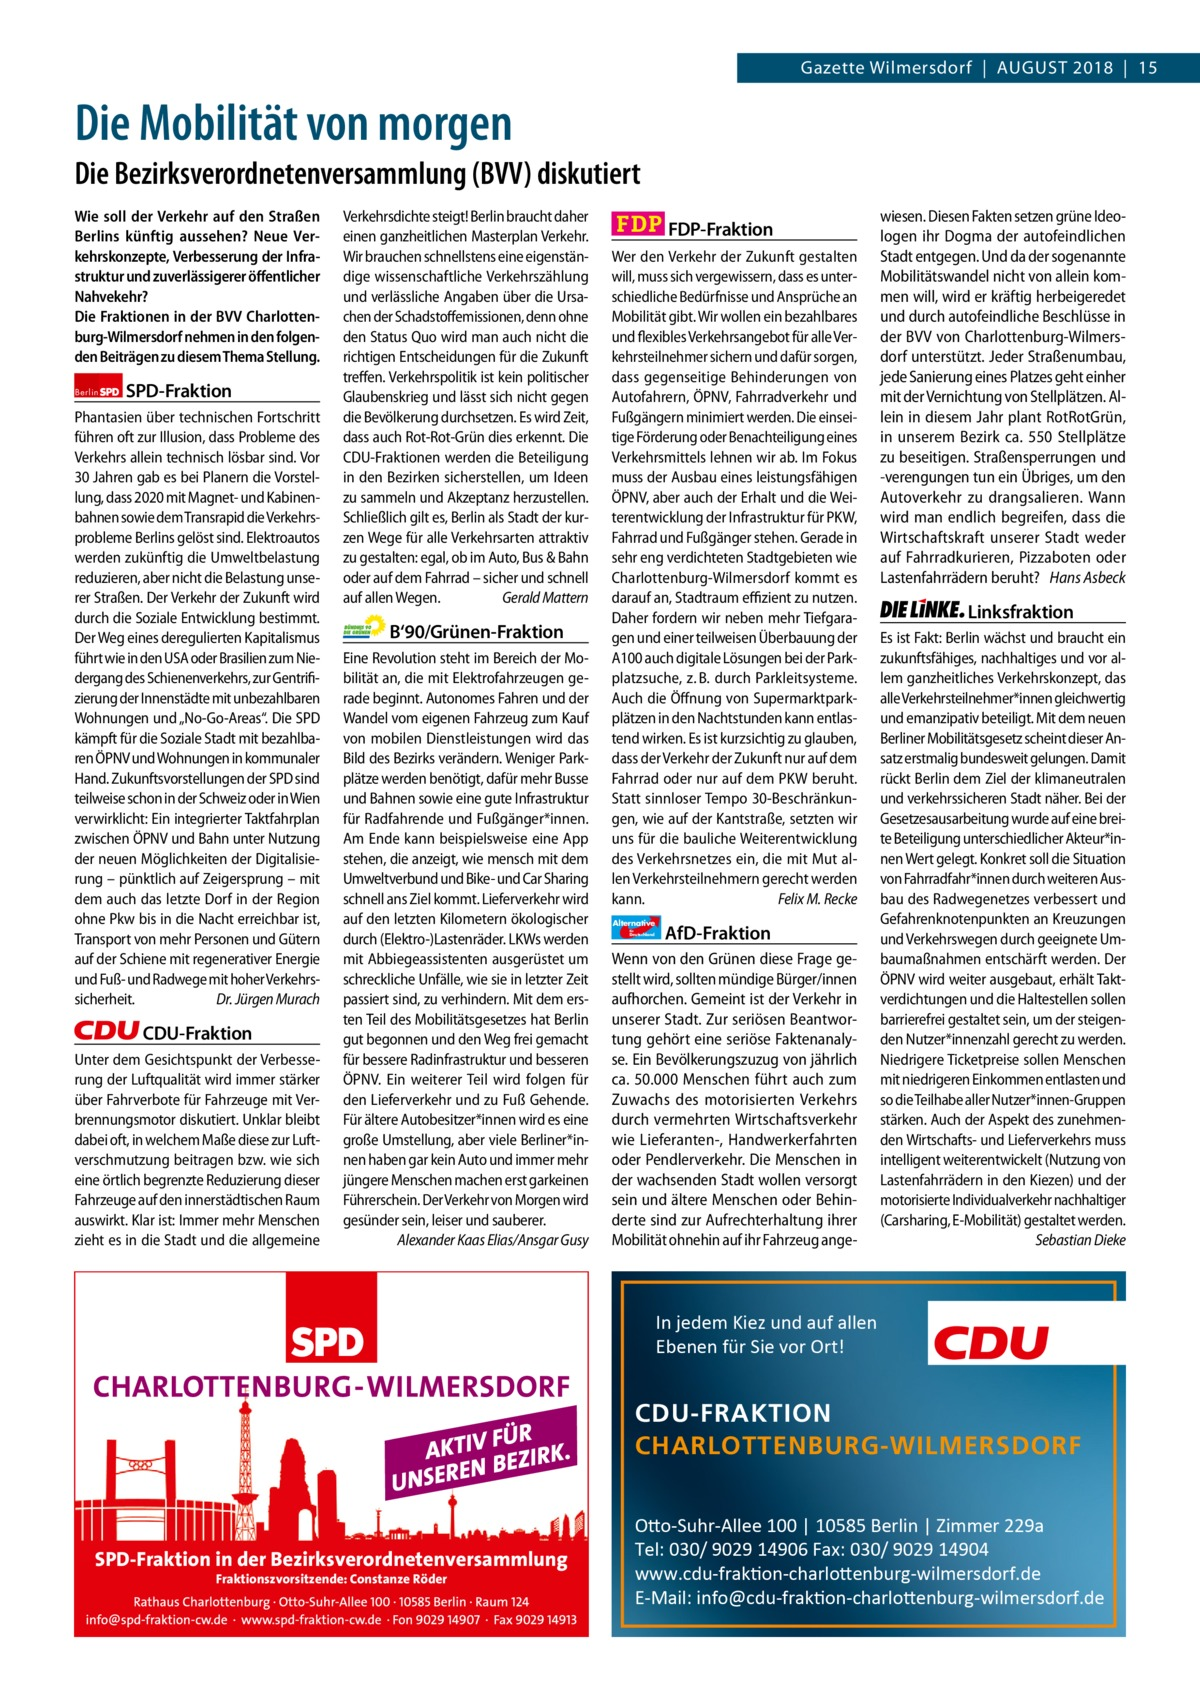 """Gazette Charlottenburg & Wilmersdorf  www.gazette-berlin.de  Gazette Wilmersdorf August 2018 15  Die Mobilität von morgen Die Bezirksverordnetenversammlung (BVV) diskutiert Wie soll der Verkehr auf den Straßen Berlins künftig aussehen? Neue Verkehrskonzepte, Verbesserung der Infrastruktur und zuverlässigerer öffentlicher Nahvekehr? Die Fraktionen in der BVV Charlottenburg-Wilmersdorf nehmen in den folgenden Beiträgen zu diesem Thema Stellung. Berlin  SPD-Fraktion  Phantasien über technischen Fortschritt führen oft zur Illusion, dass Probleme des Verkehrs allein technisch lösbar sind. Vor 30Jahren gab es bei Planern die Vorstellung, dass 2020 mit Magnet- und Kabinenbahnen sowie dem Transrapid die Verkehrsprobleme Berlins gelöst sind. Elektroautos werden zukünftig die Umweltbelastung reduzieren, aber nicht die Belastung unserer Straßen. Der Verkehr der Zukunft wird durch die Soziale Entwicklung bestimmt. Der Weg eines deregulierten Kapitalismus führt wie in den USA oder Brasilien zum Niedergang des Schienenverkehrs, zur Gentrifizierung der Innenstädte mit unbezahlbaren Wohnungen und """"No-Go-Areas"""". Die SPD kämpft für die Soziale Stadt mit bezahlbaren ÖPNV und Wohnungen in kommunaler Hand. Zukunftsvorstellungen der SPD sind teilweise schon in der Schweiz oder in Wien verwirklicht: Ein integrierter Taktfahrplan zwischen ÖPNV und Bahn unter Nutzung der neuen Möglichkeiten der Digitalisierung – pünktlich auf Zeigersprung – mit dem auch das letzte Dorf in der Region ohne Pkw bis in die Nacht erreichbar ist, Transport von mehr Personen und Gütern auf der Schiene mit regenerativer Energie und Fuß- und Radwege mit hoher Verkehrssicherheit. Dr.Jürgen Murach  CDU-Fraktion Unter dem Gesichtspunkt der Verbesserung der Luftqualität wird immer stärker über Fahrverbote für Fahrzeuge mit Verbrennungsmotor diskutiert. Unklar bleibt dabei oft, in welchem Maße diese zur Luftverschmutzung beitragen bzw. wie sich eine örtlich begrenzte Reduzierung dieser Fahrzeuge auf den innerstädtischen """